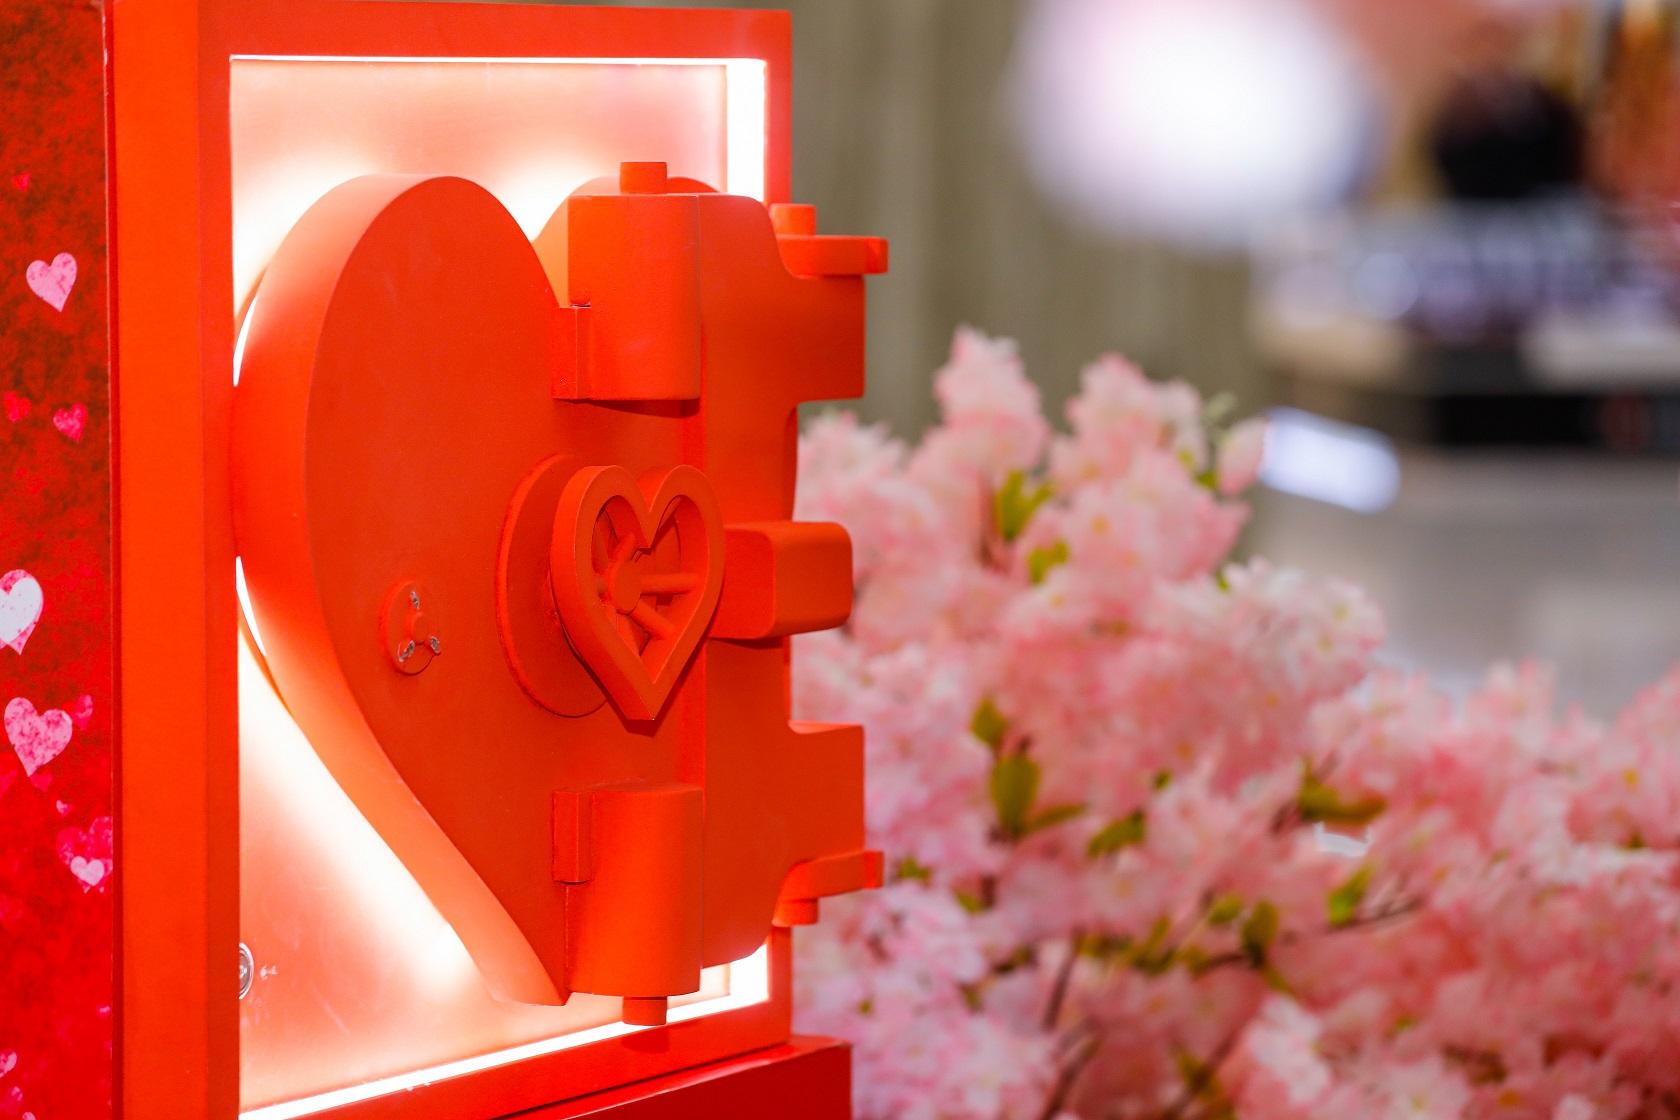 فعالية حديقة المحبة